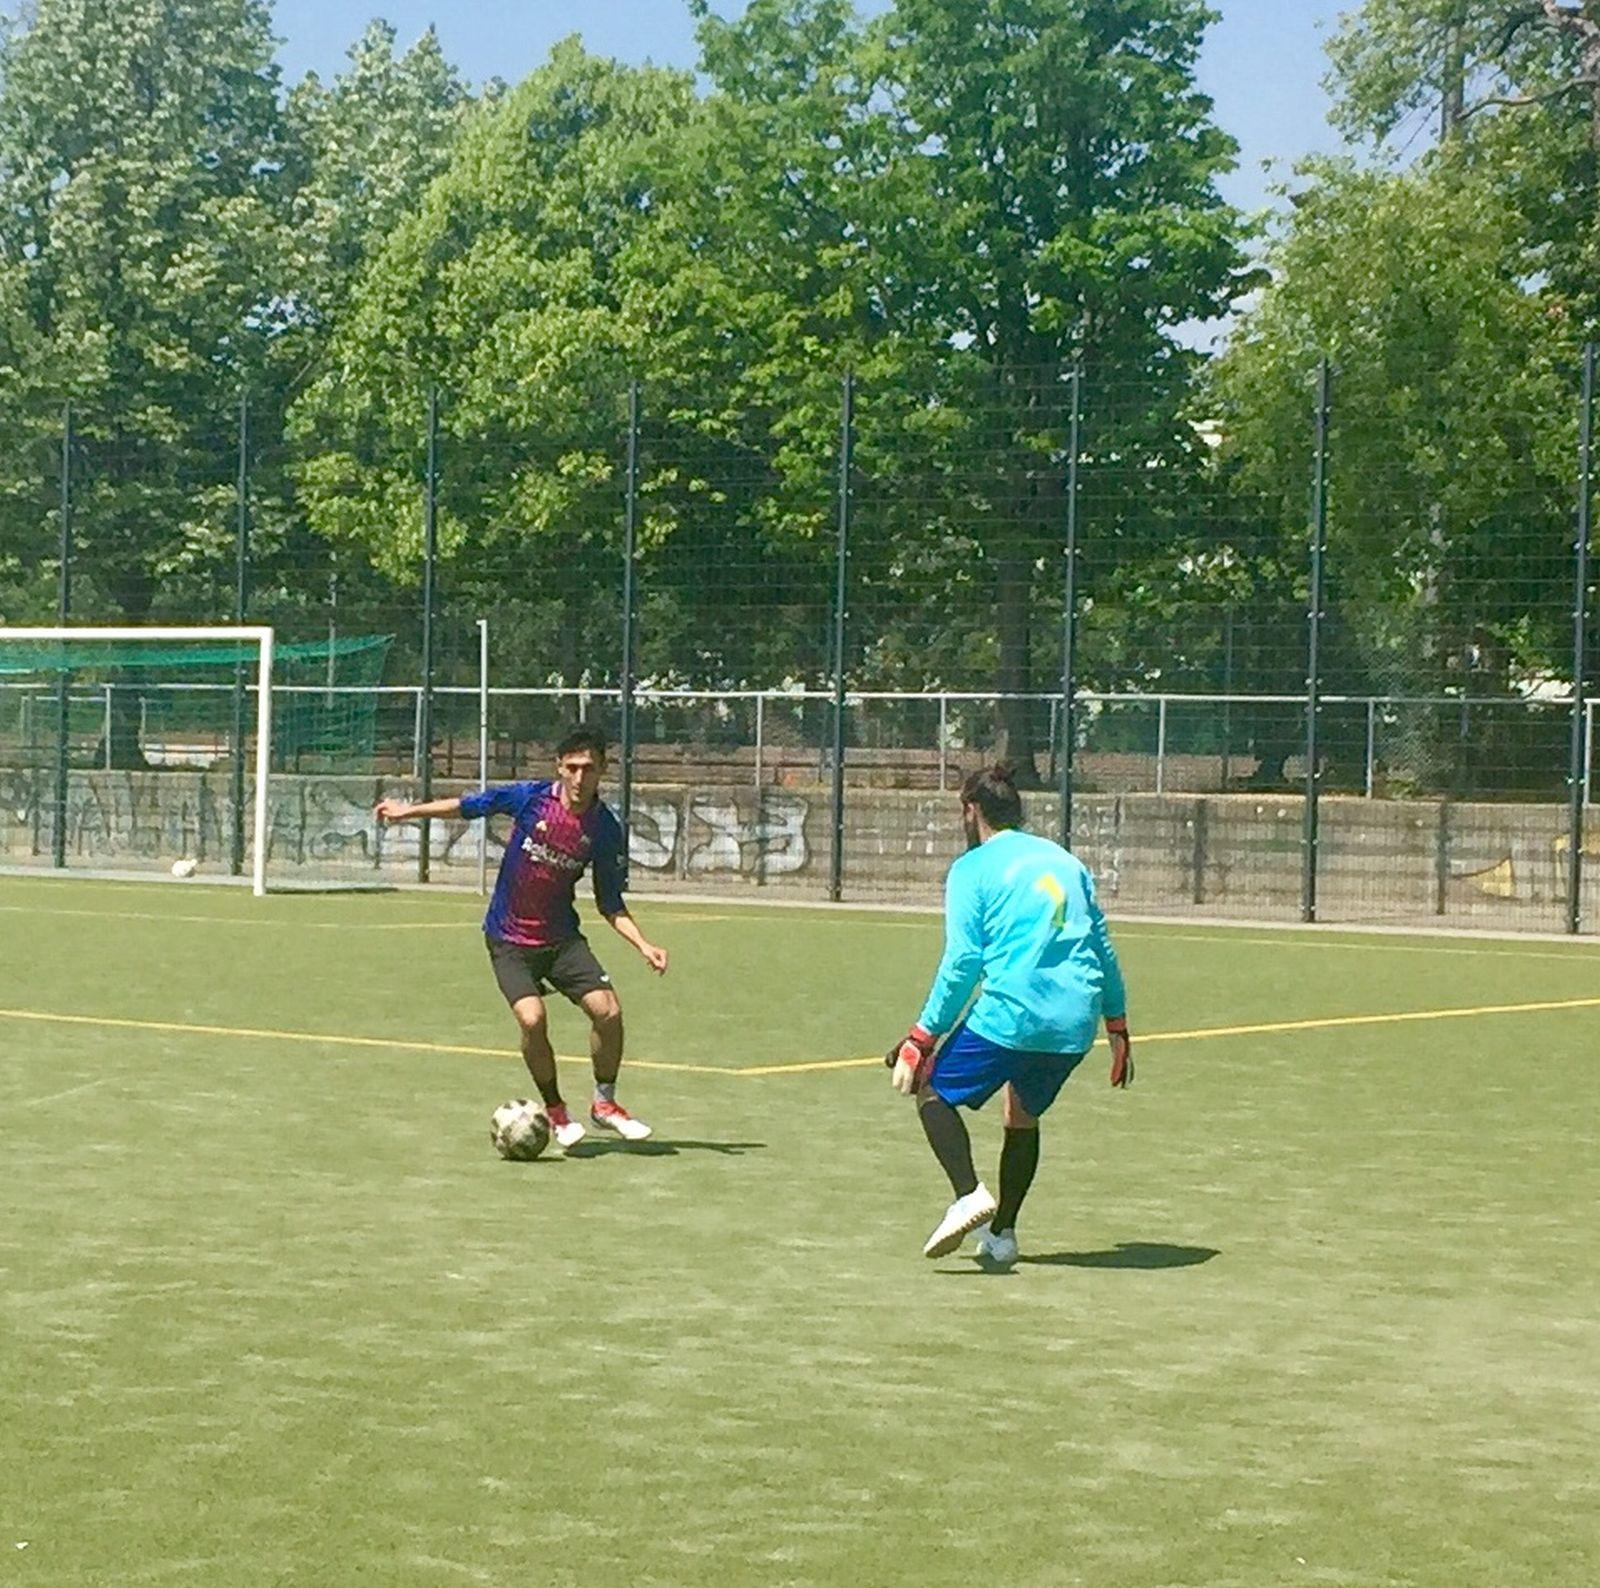 fussball_0003.jpg